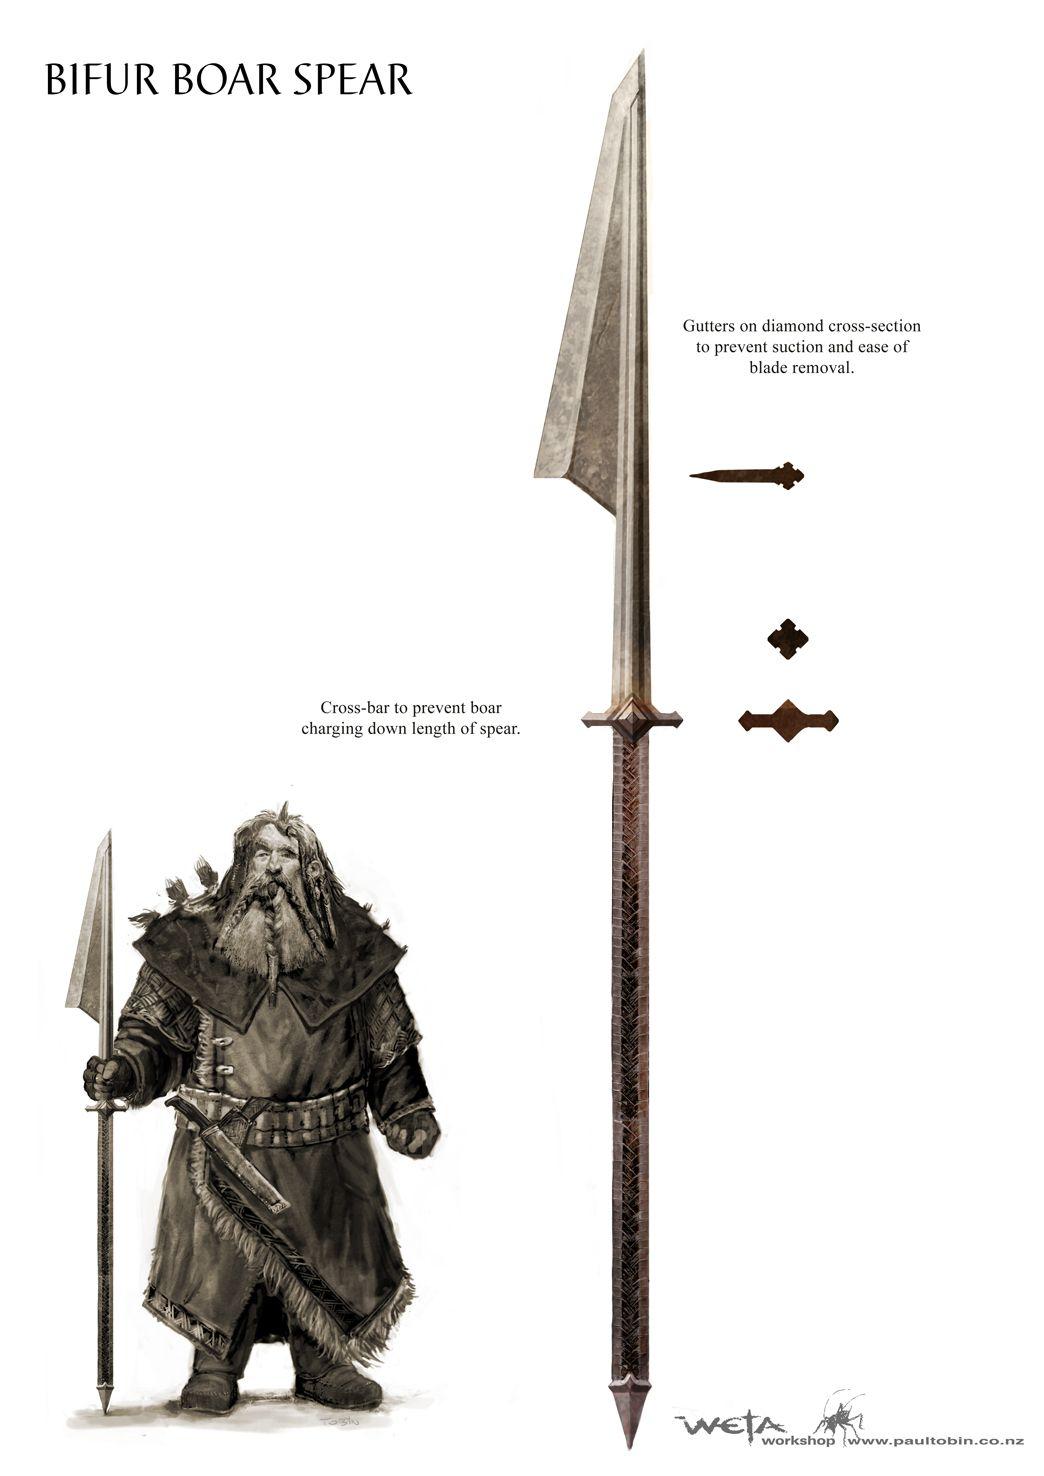 Bifur S Boar Spear Art Concept By Paul Tobin For The Hobbit Movies Boar Spear Spear Dwarven Armor